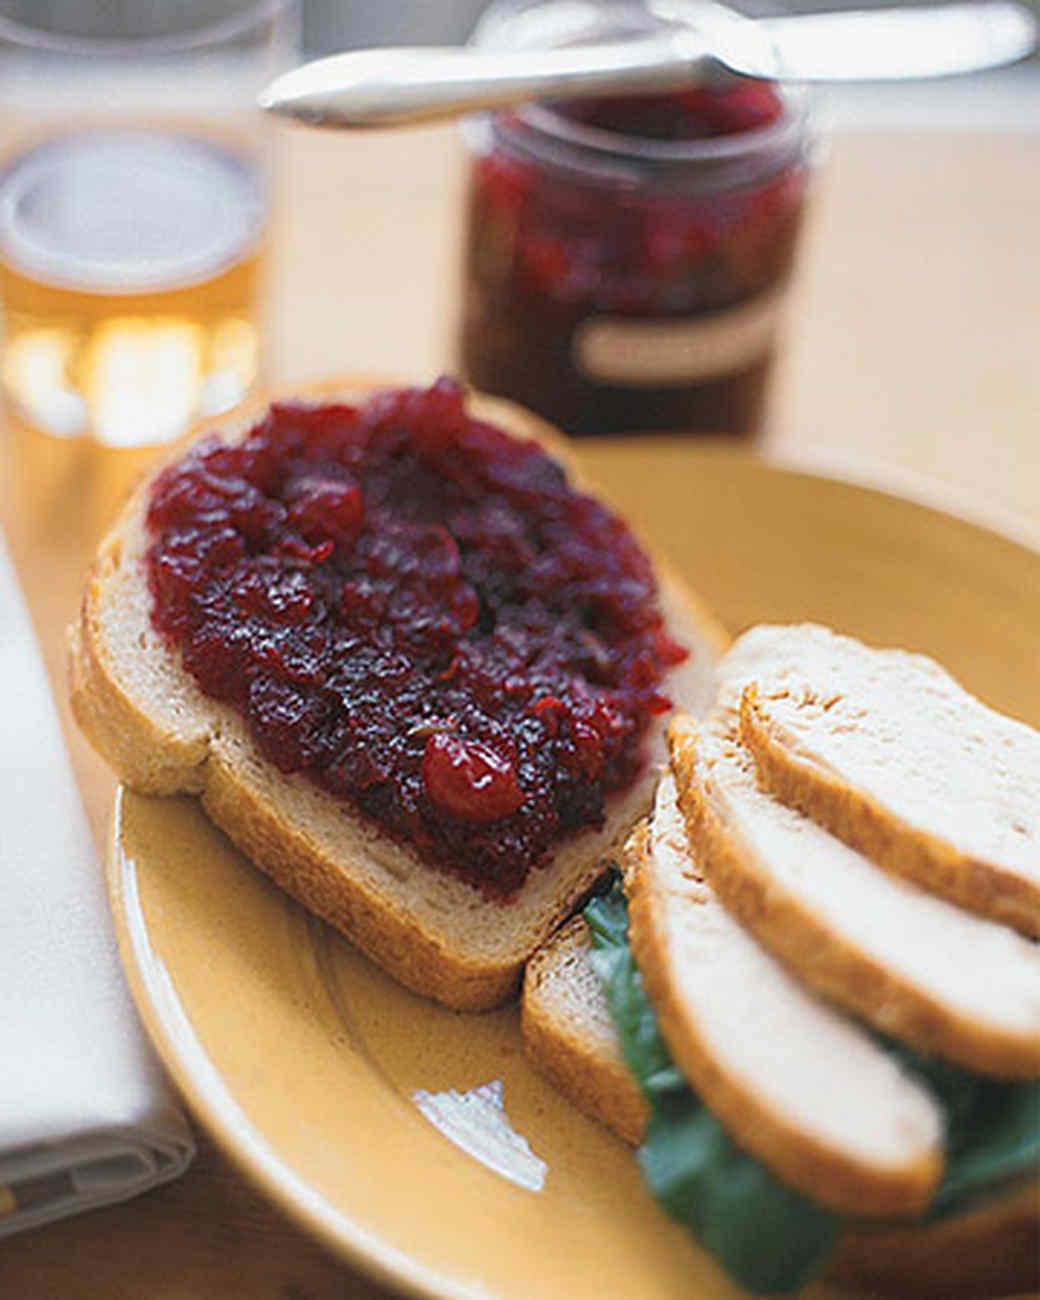 Spicy Cranberry Jam